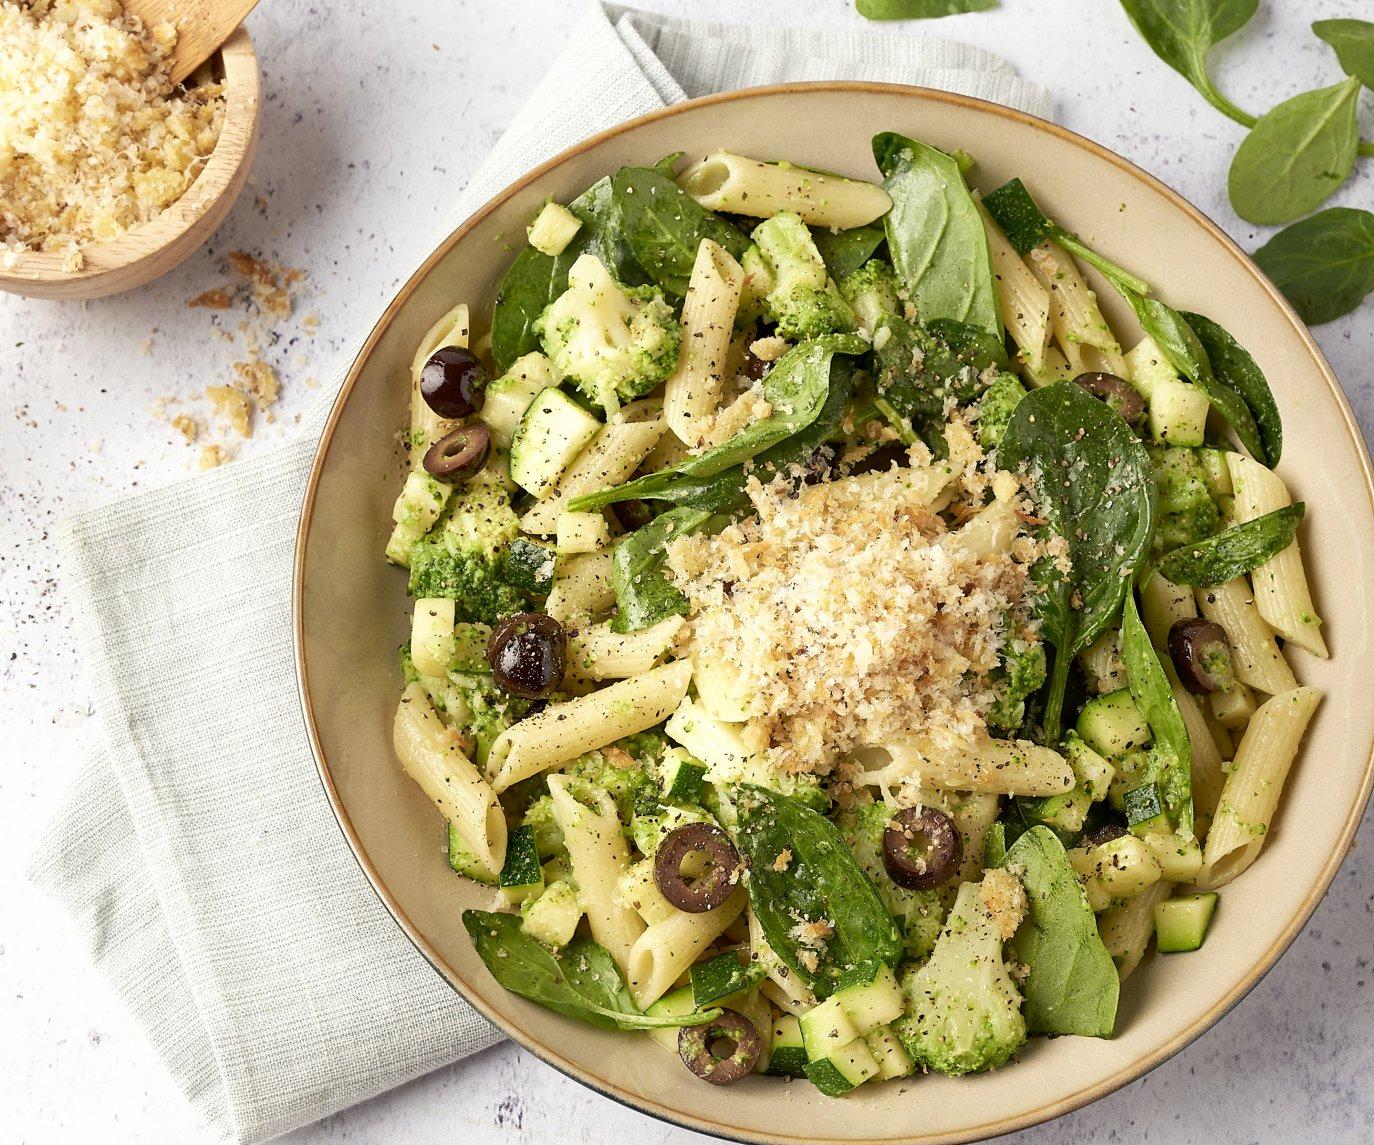 Pasta 'verde' met broccoli, courgette, spinazie en knoflookcrunch